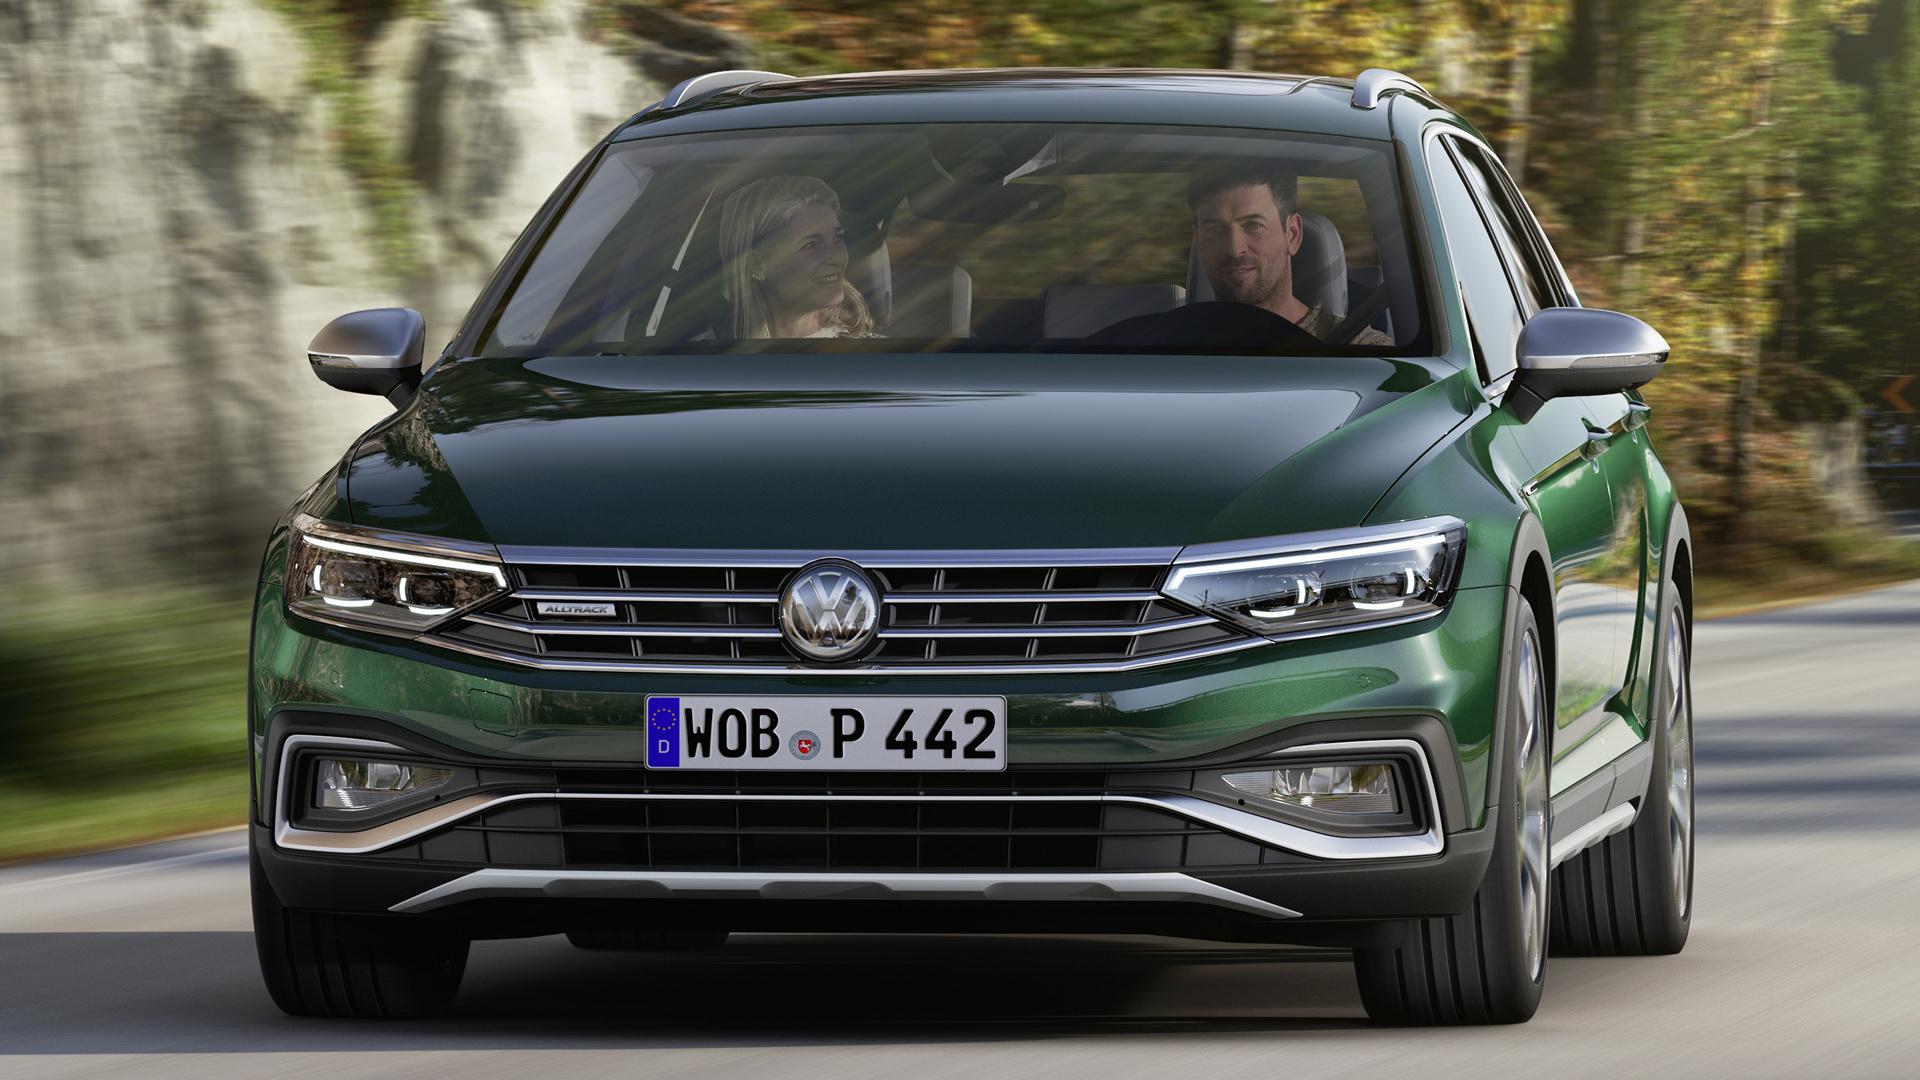 2019 Volkswagen Passat Alltrack - Wallpapers and HD Images ...